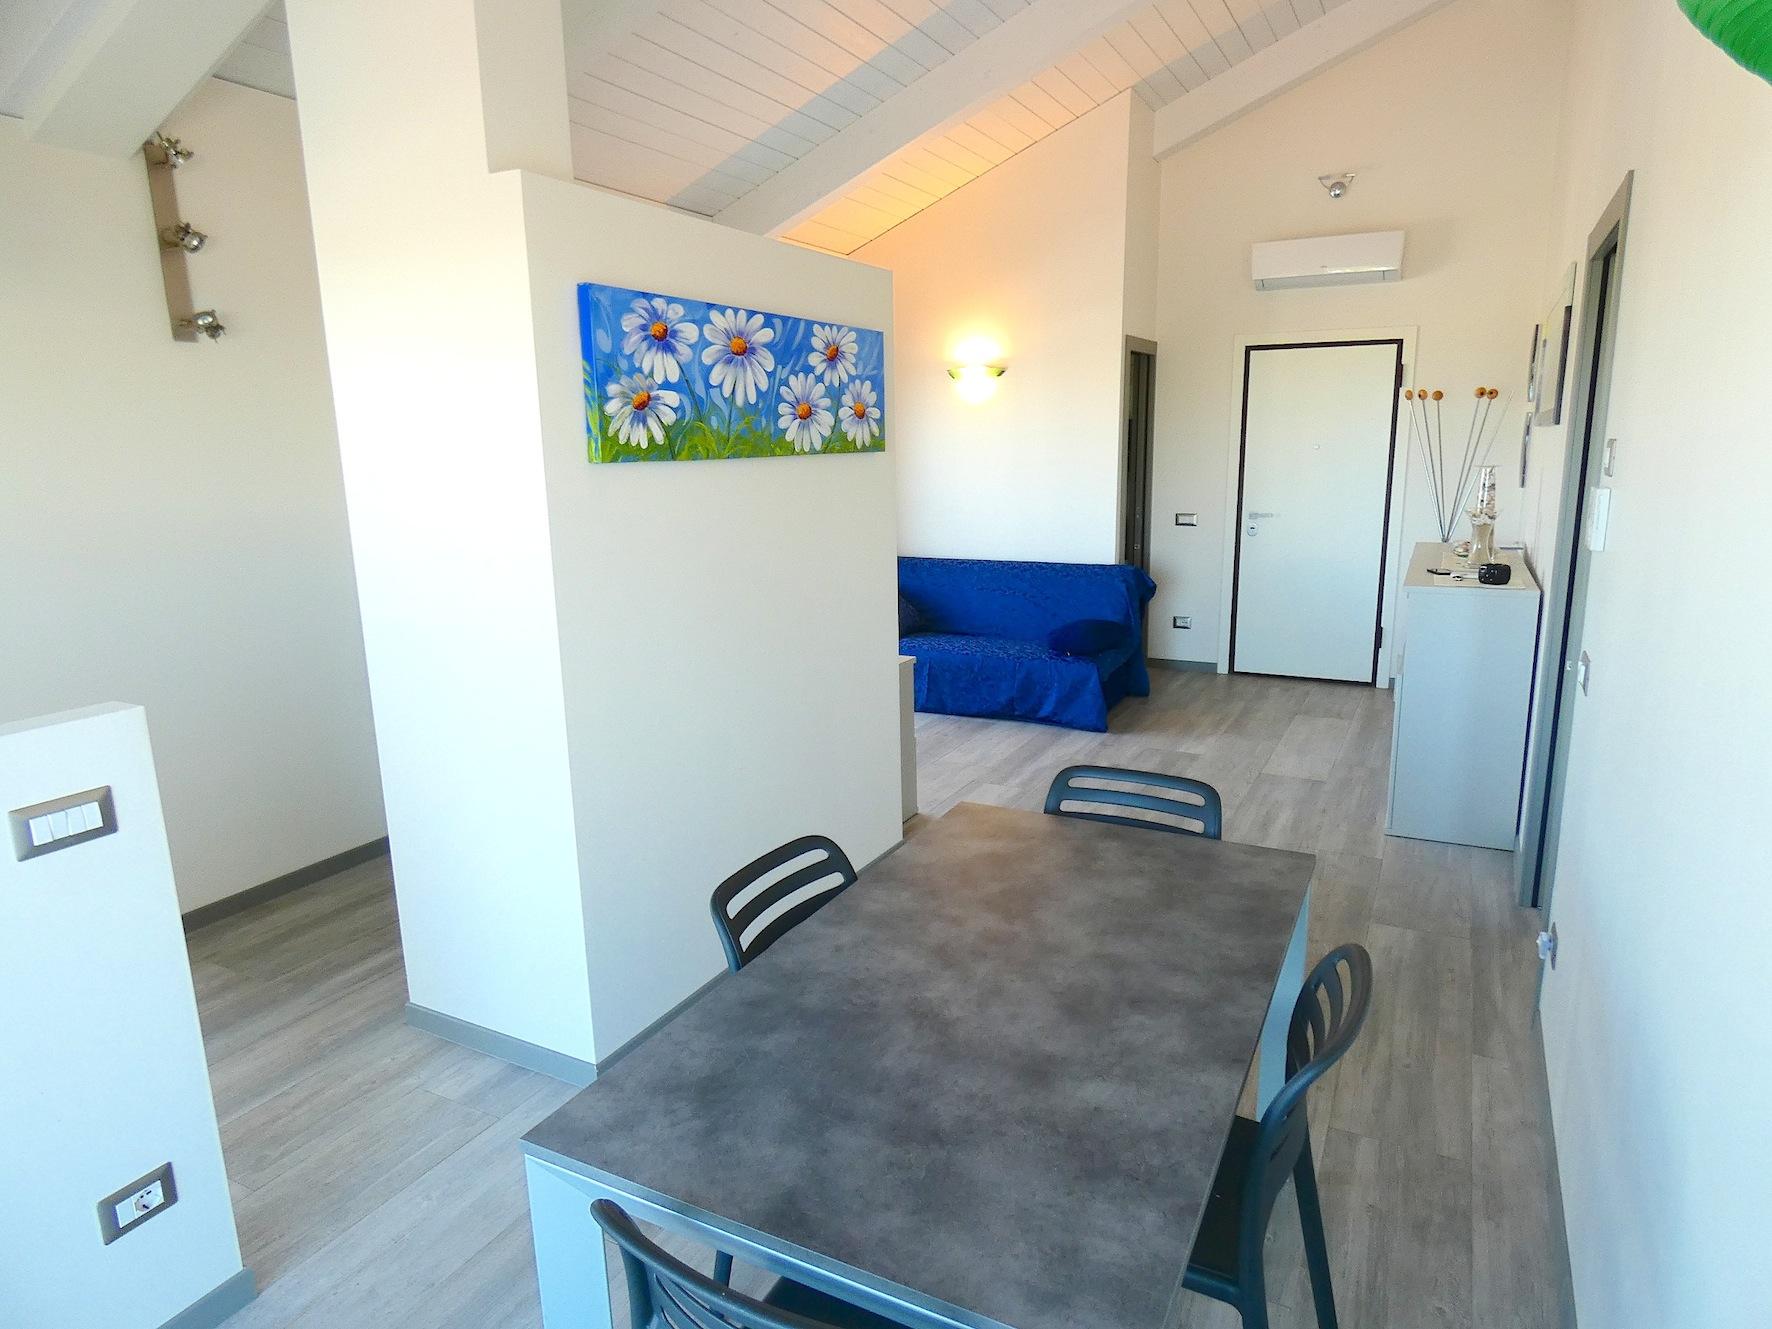 RICCIONE ABISSINIA/TERME, Splendido attico in vendita terrazzi vista mare